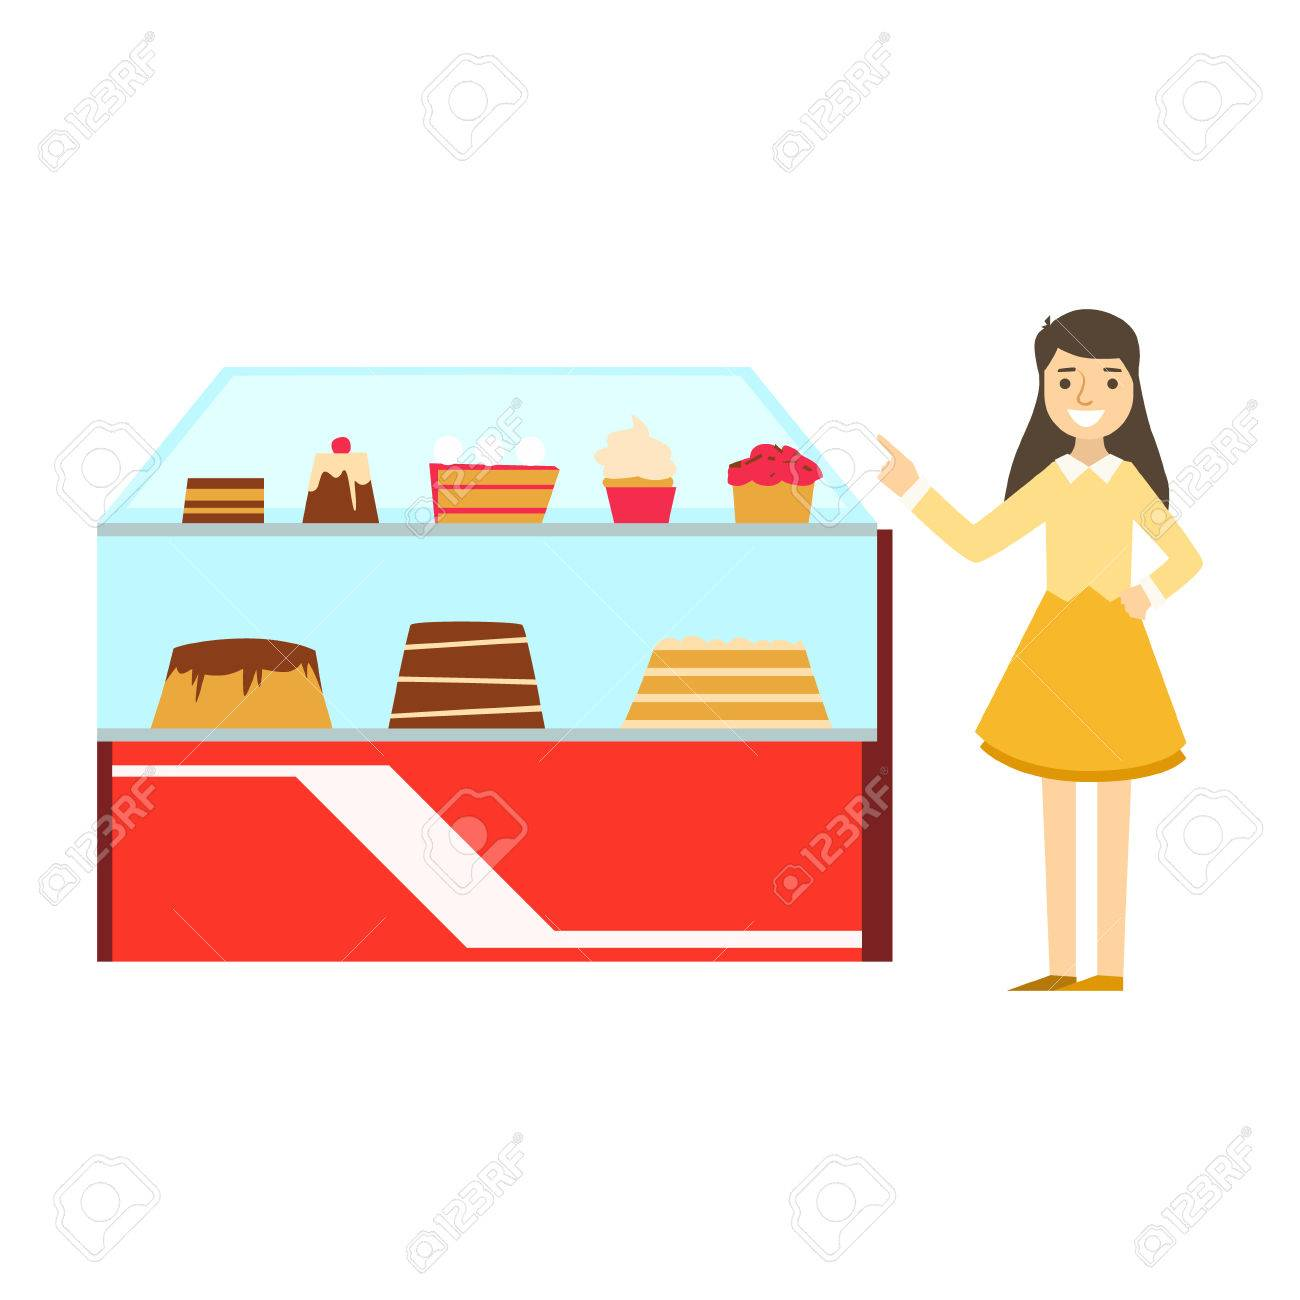 Gut Frau Neben Schaukasten Mit Kuchen Sortiment, Lächeln Person Ein Dessert In  Süßen Gebäck Cafe Vector